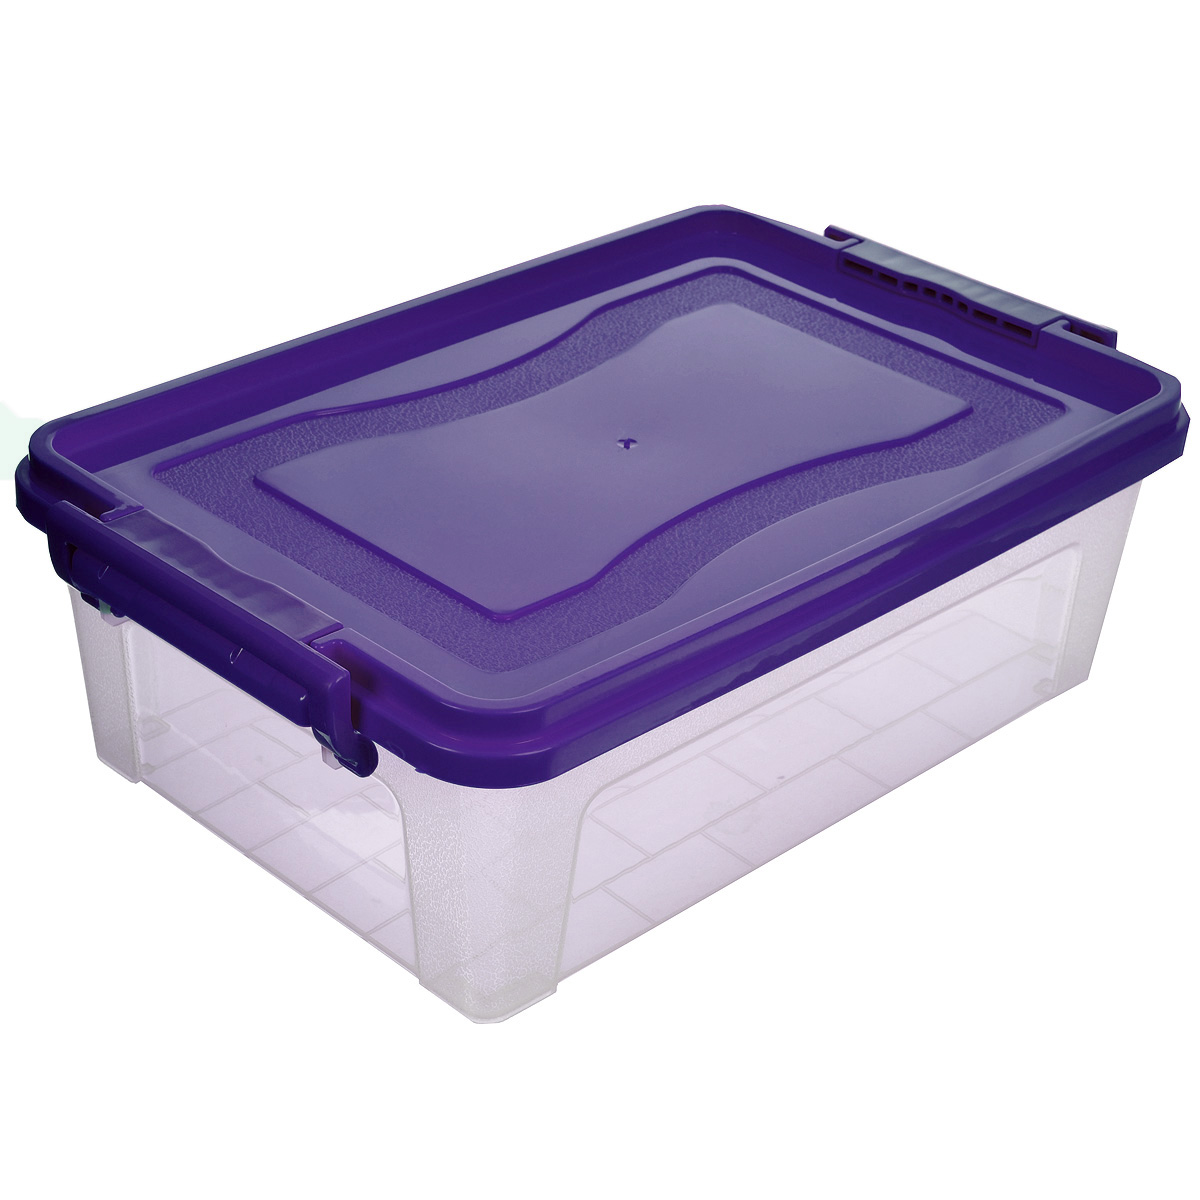 Контейнер для хранения Idea, прямоугольный, цвет: фиолетовый, прозрачный, 6,3 л